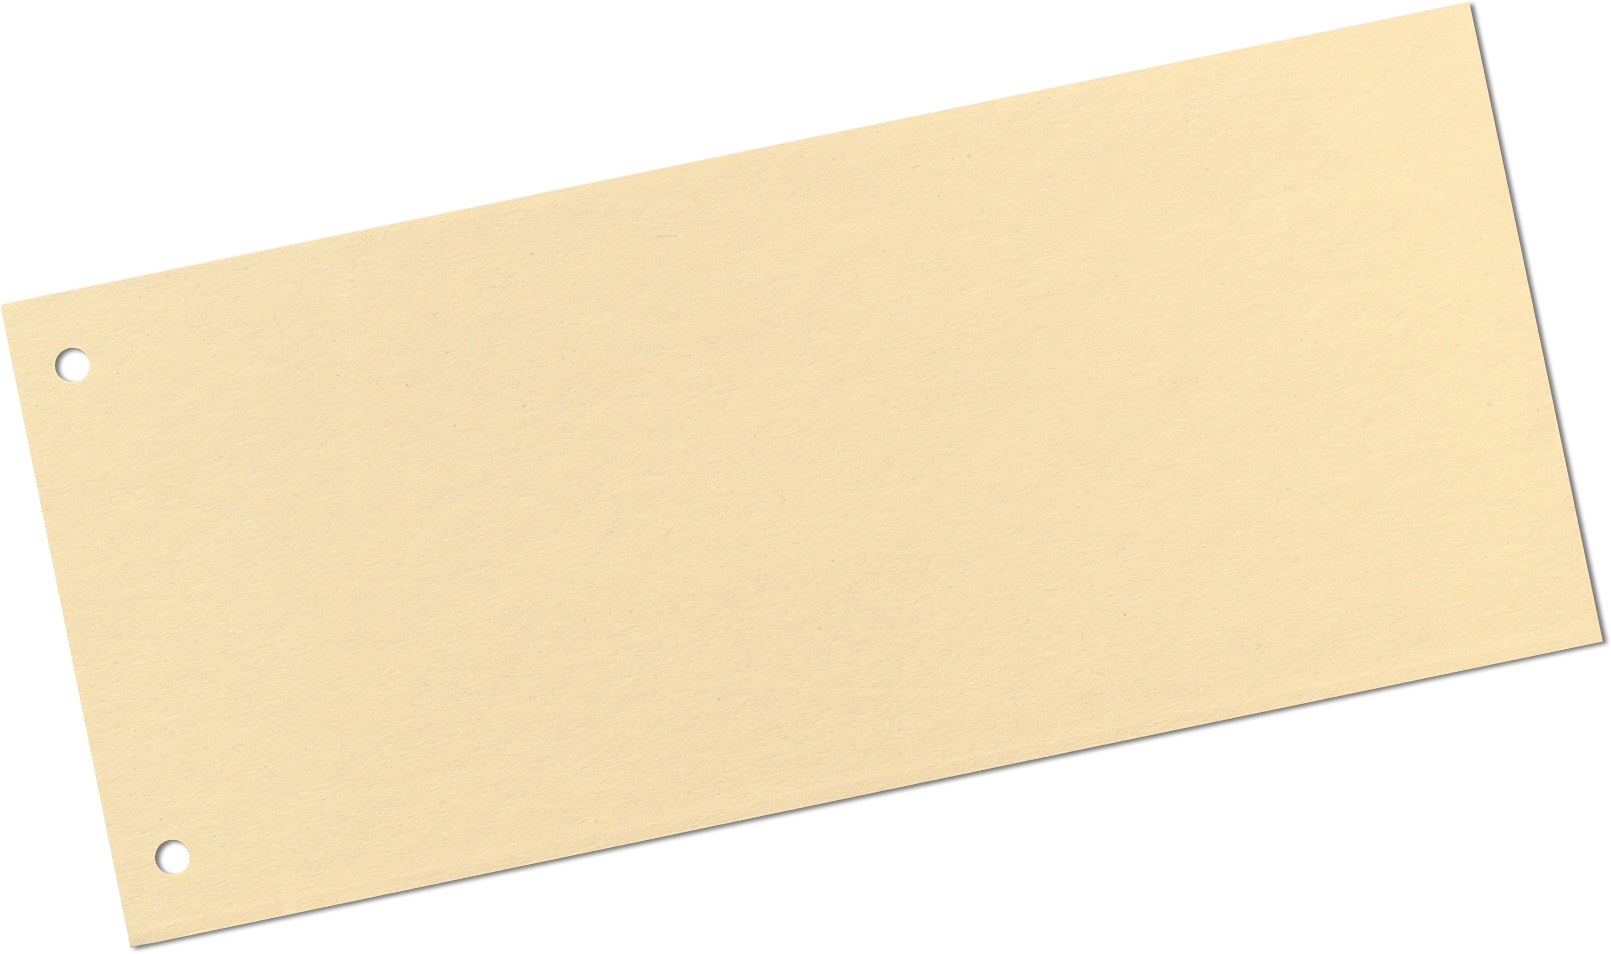 Trennstreifen-Rechteck chamois vorgelocht, mit praktischer 2-fach Lochung f. 2- und 4-Ring-Ordner